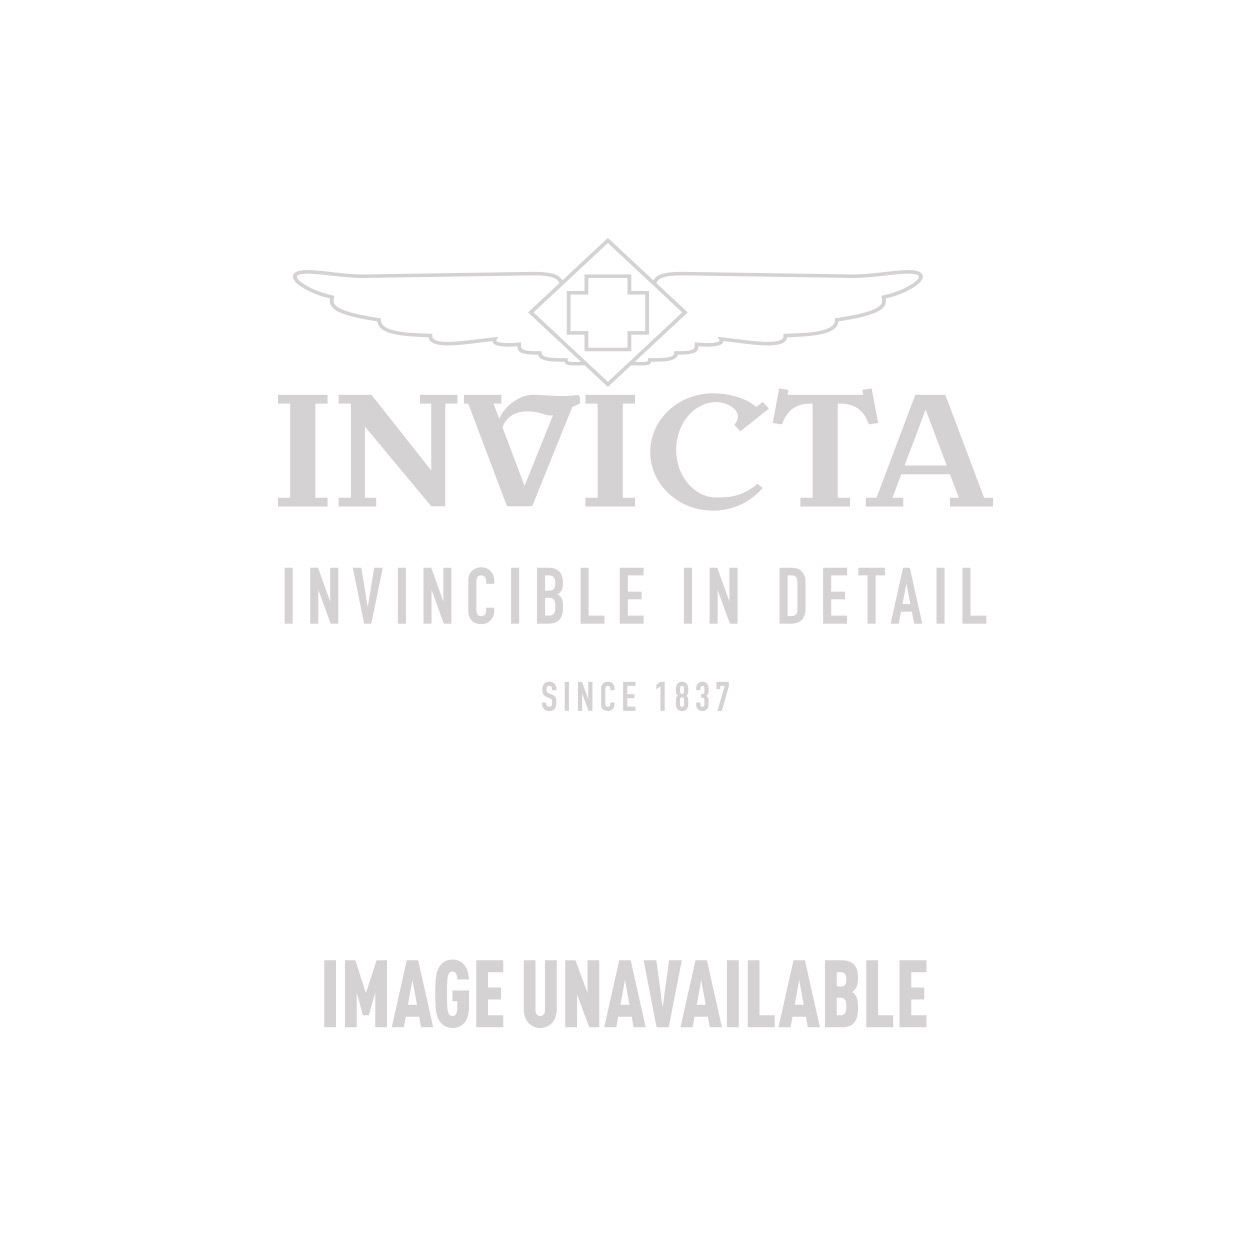 Invicta Model 25043